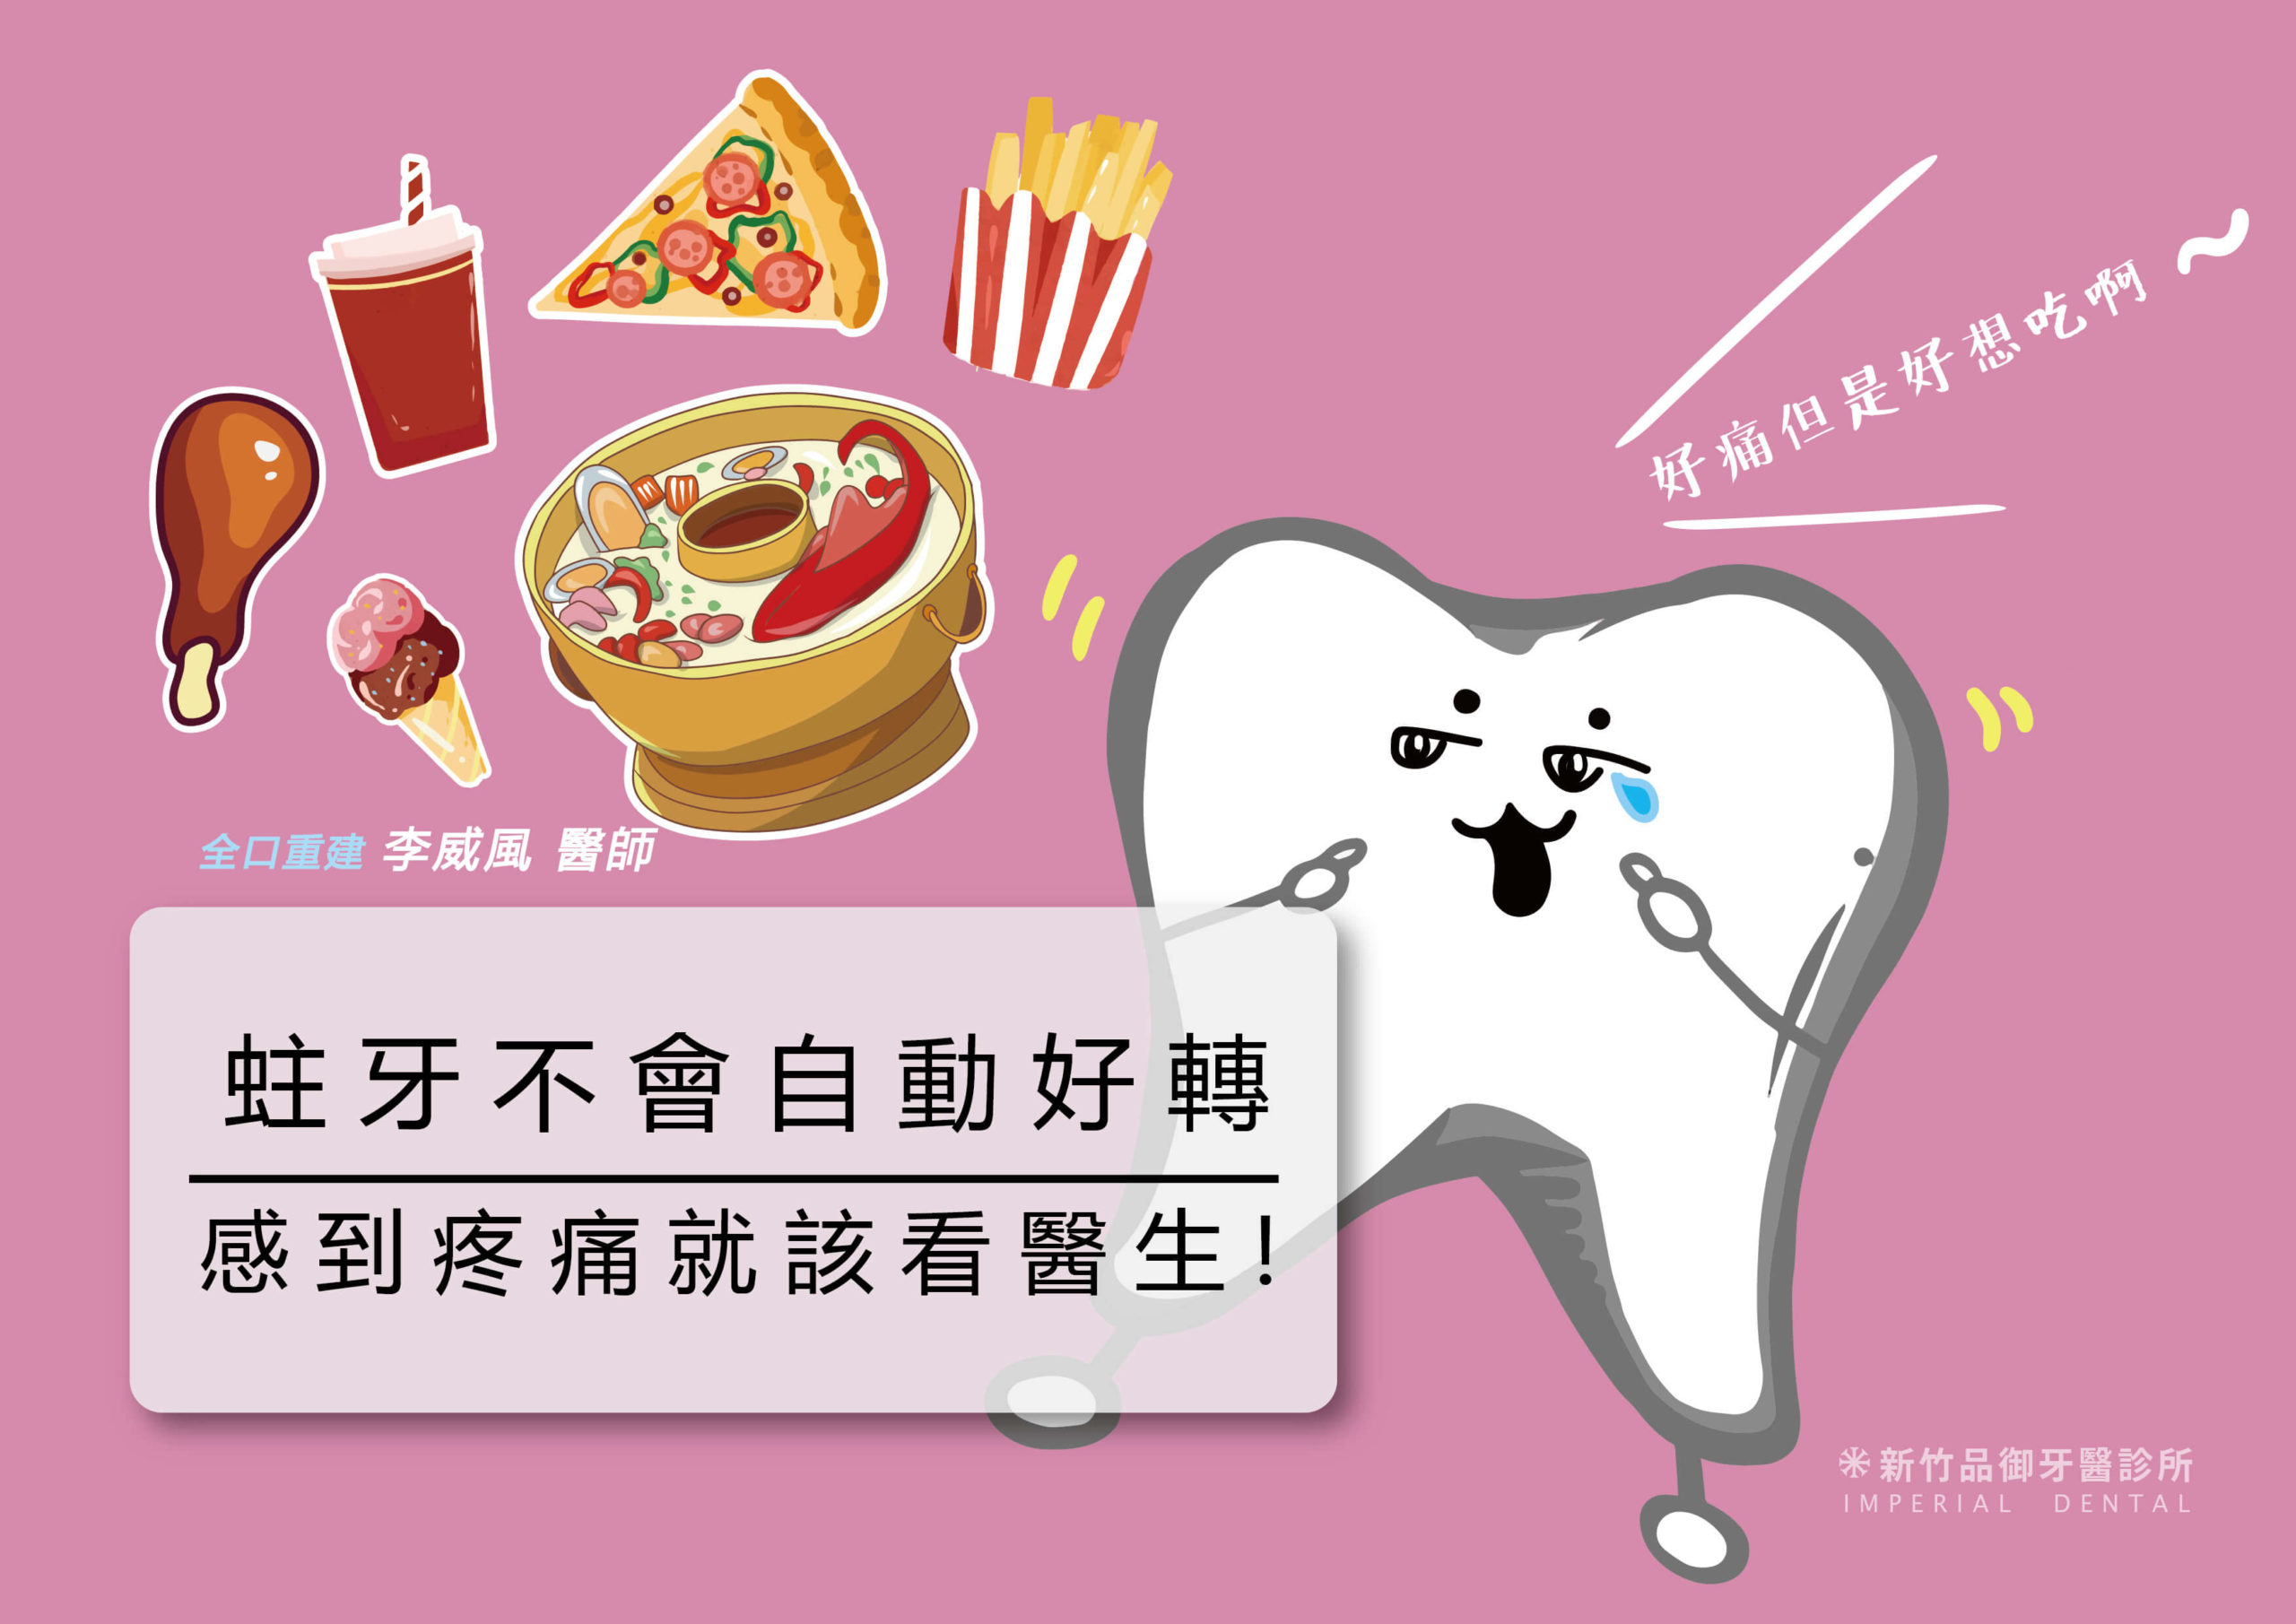 蛀牙痛吃不了美食